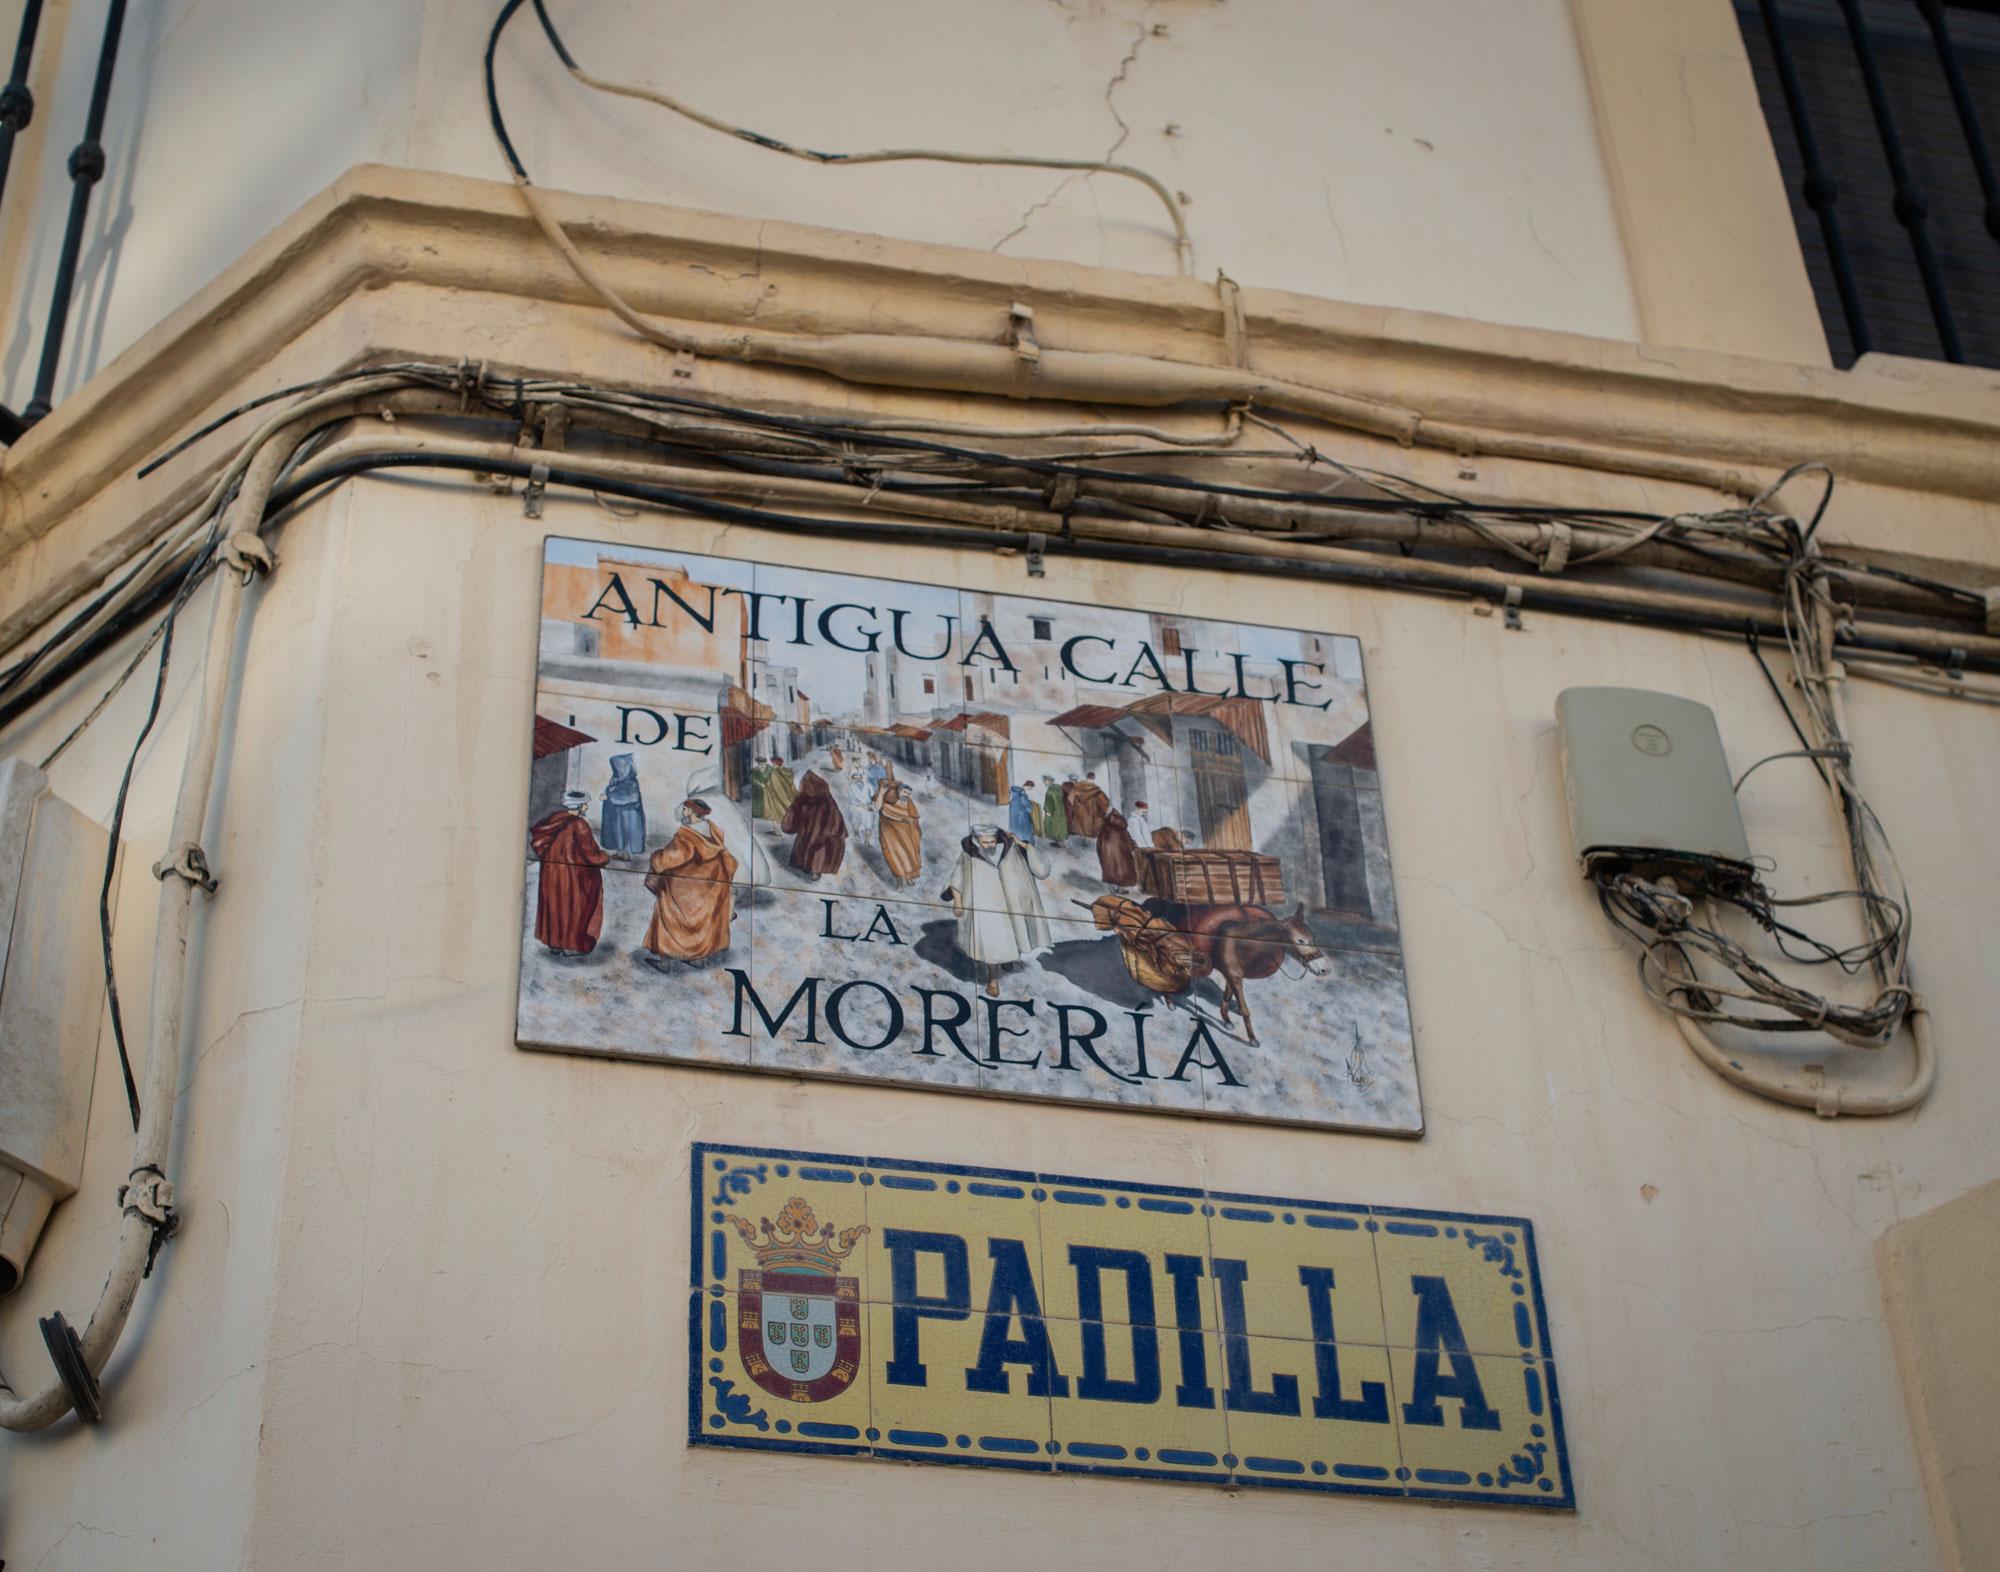 Placas con dos nombres distintos de la calle en Ceuta.